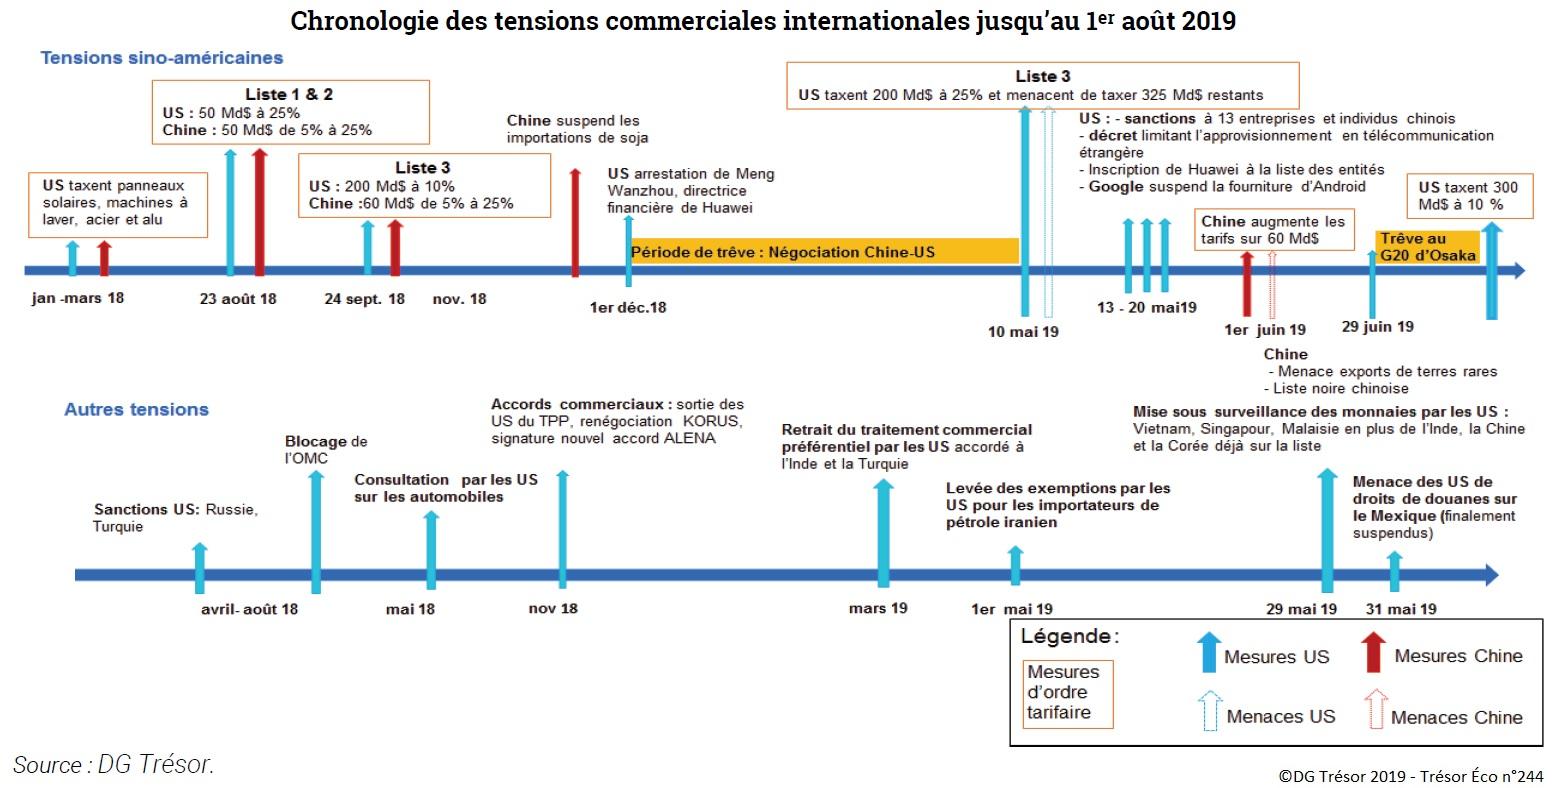 Schéma : Chronologie des tensions commerciales internationales jusqu'au 1er août 2019